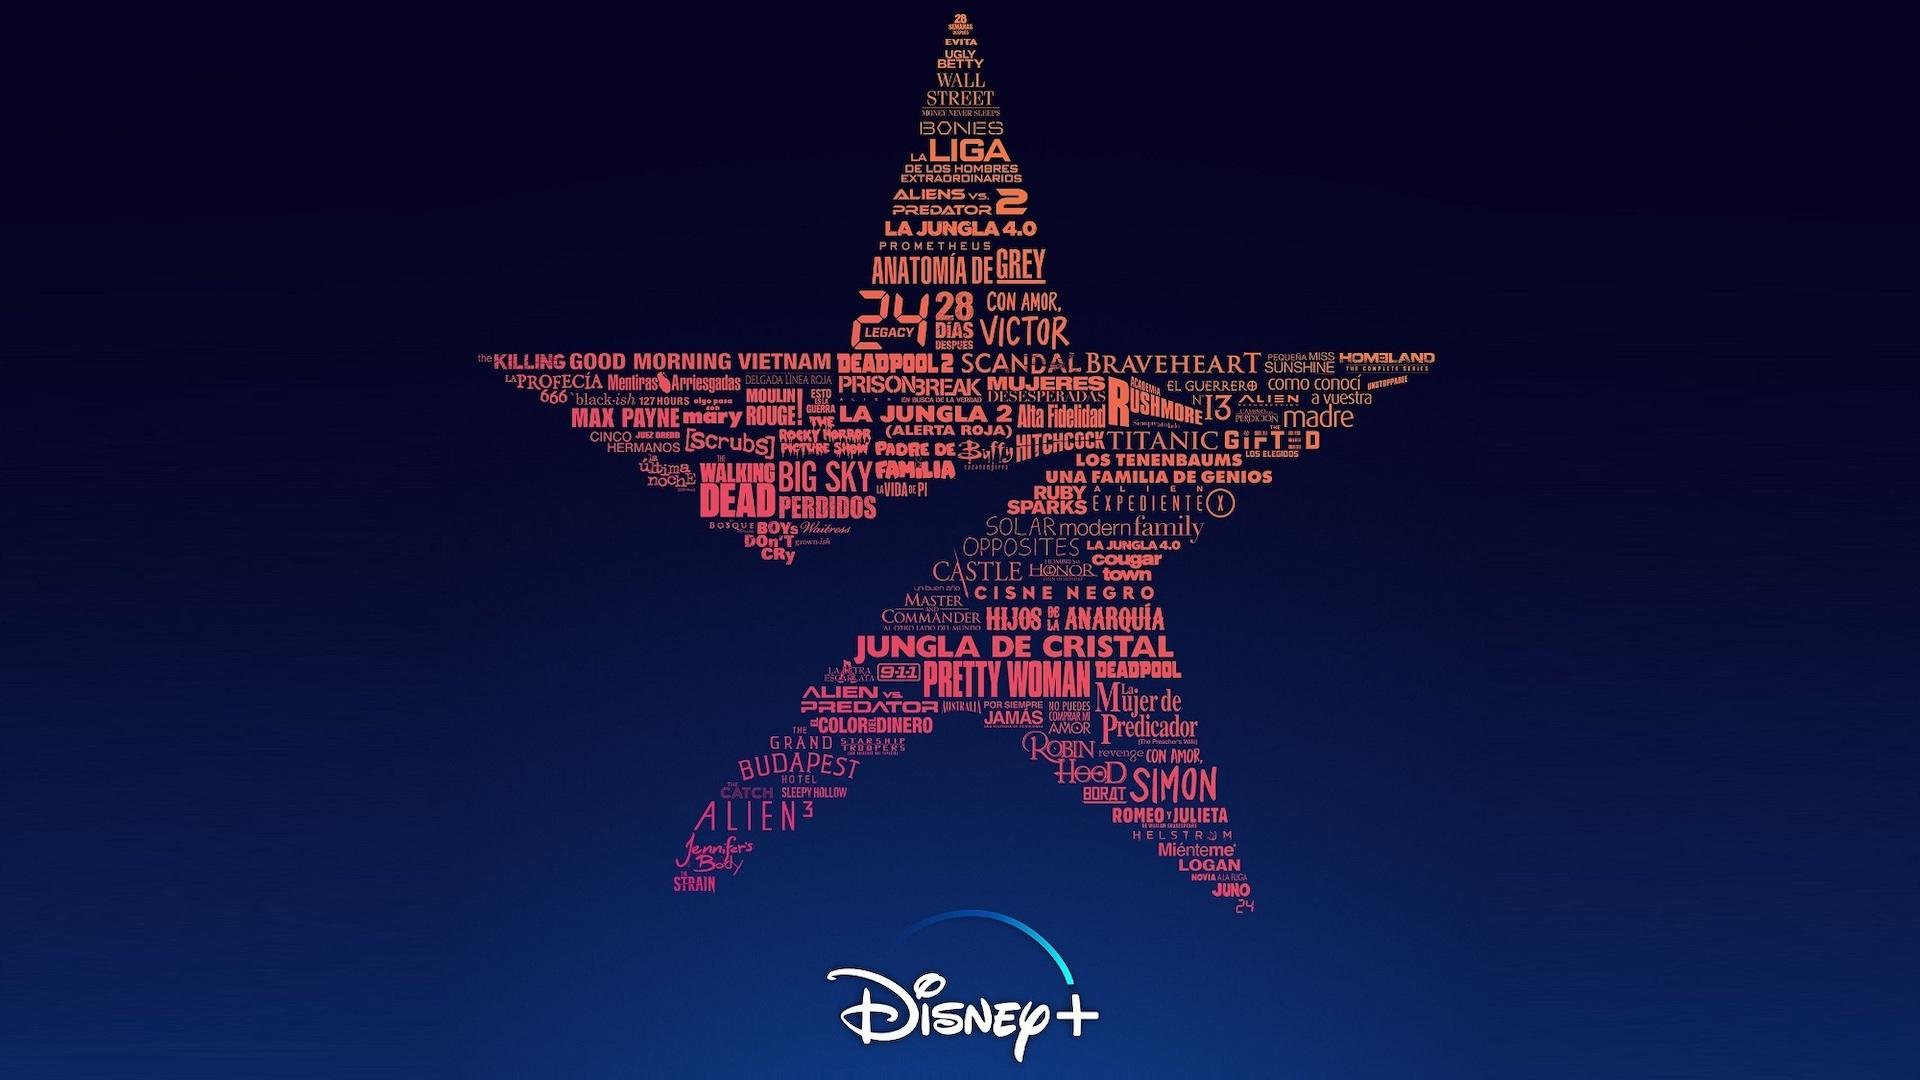 Se lanzó en Europa, Star con el contenido adulto de Disney. ¿Y en Latinoamérica?